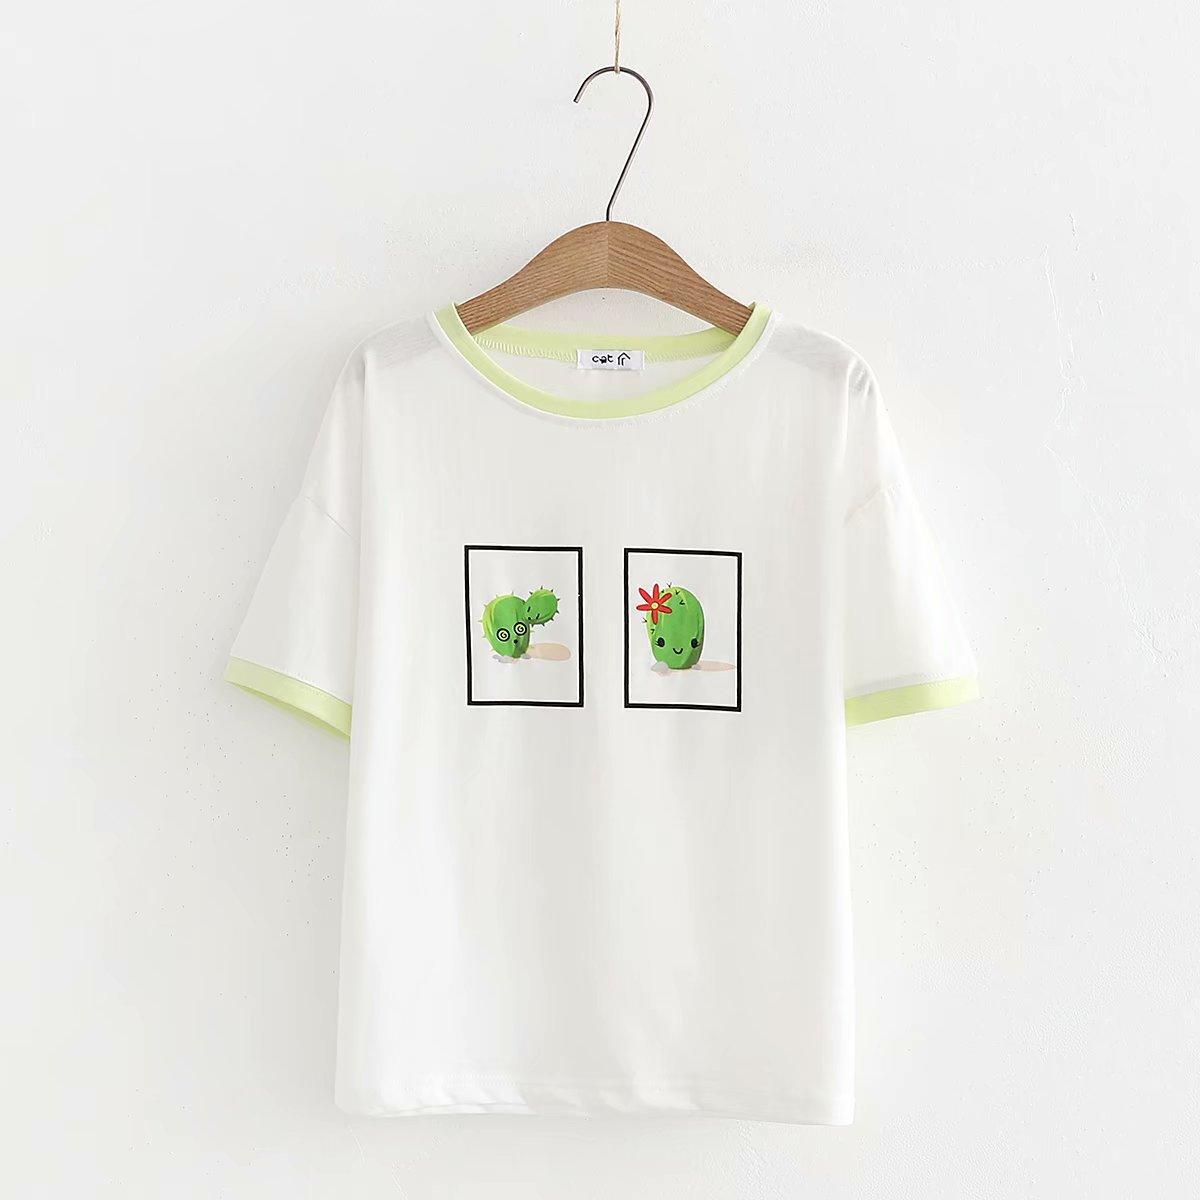 Camisetas verano camiseta mujer Color pantalón corto Casual manga cuello redondo Camiseta femenina